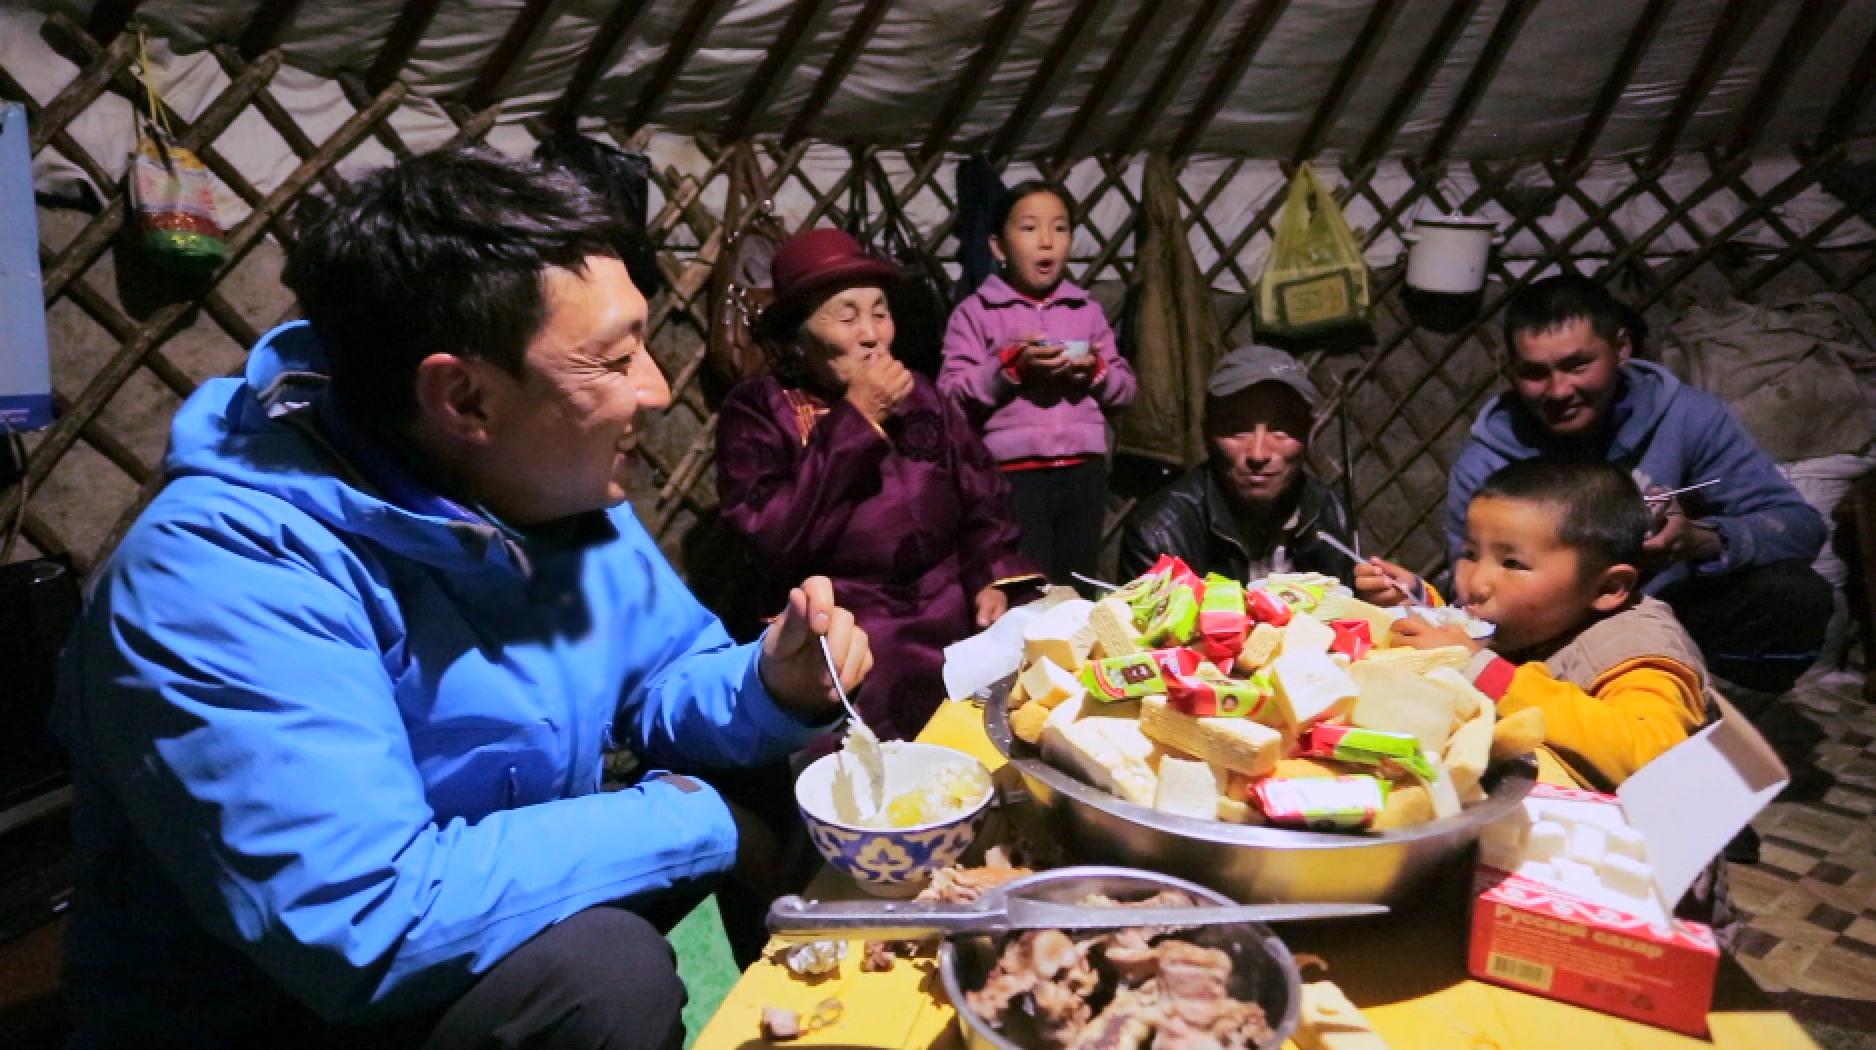 세계테마기행 [낯선 기행, 아시아 3부. 초원의 나라, 몽골]